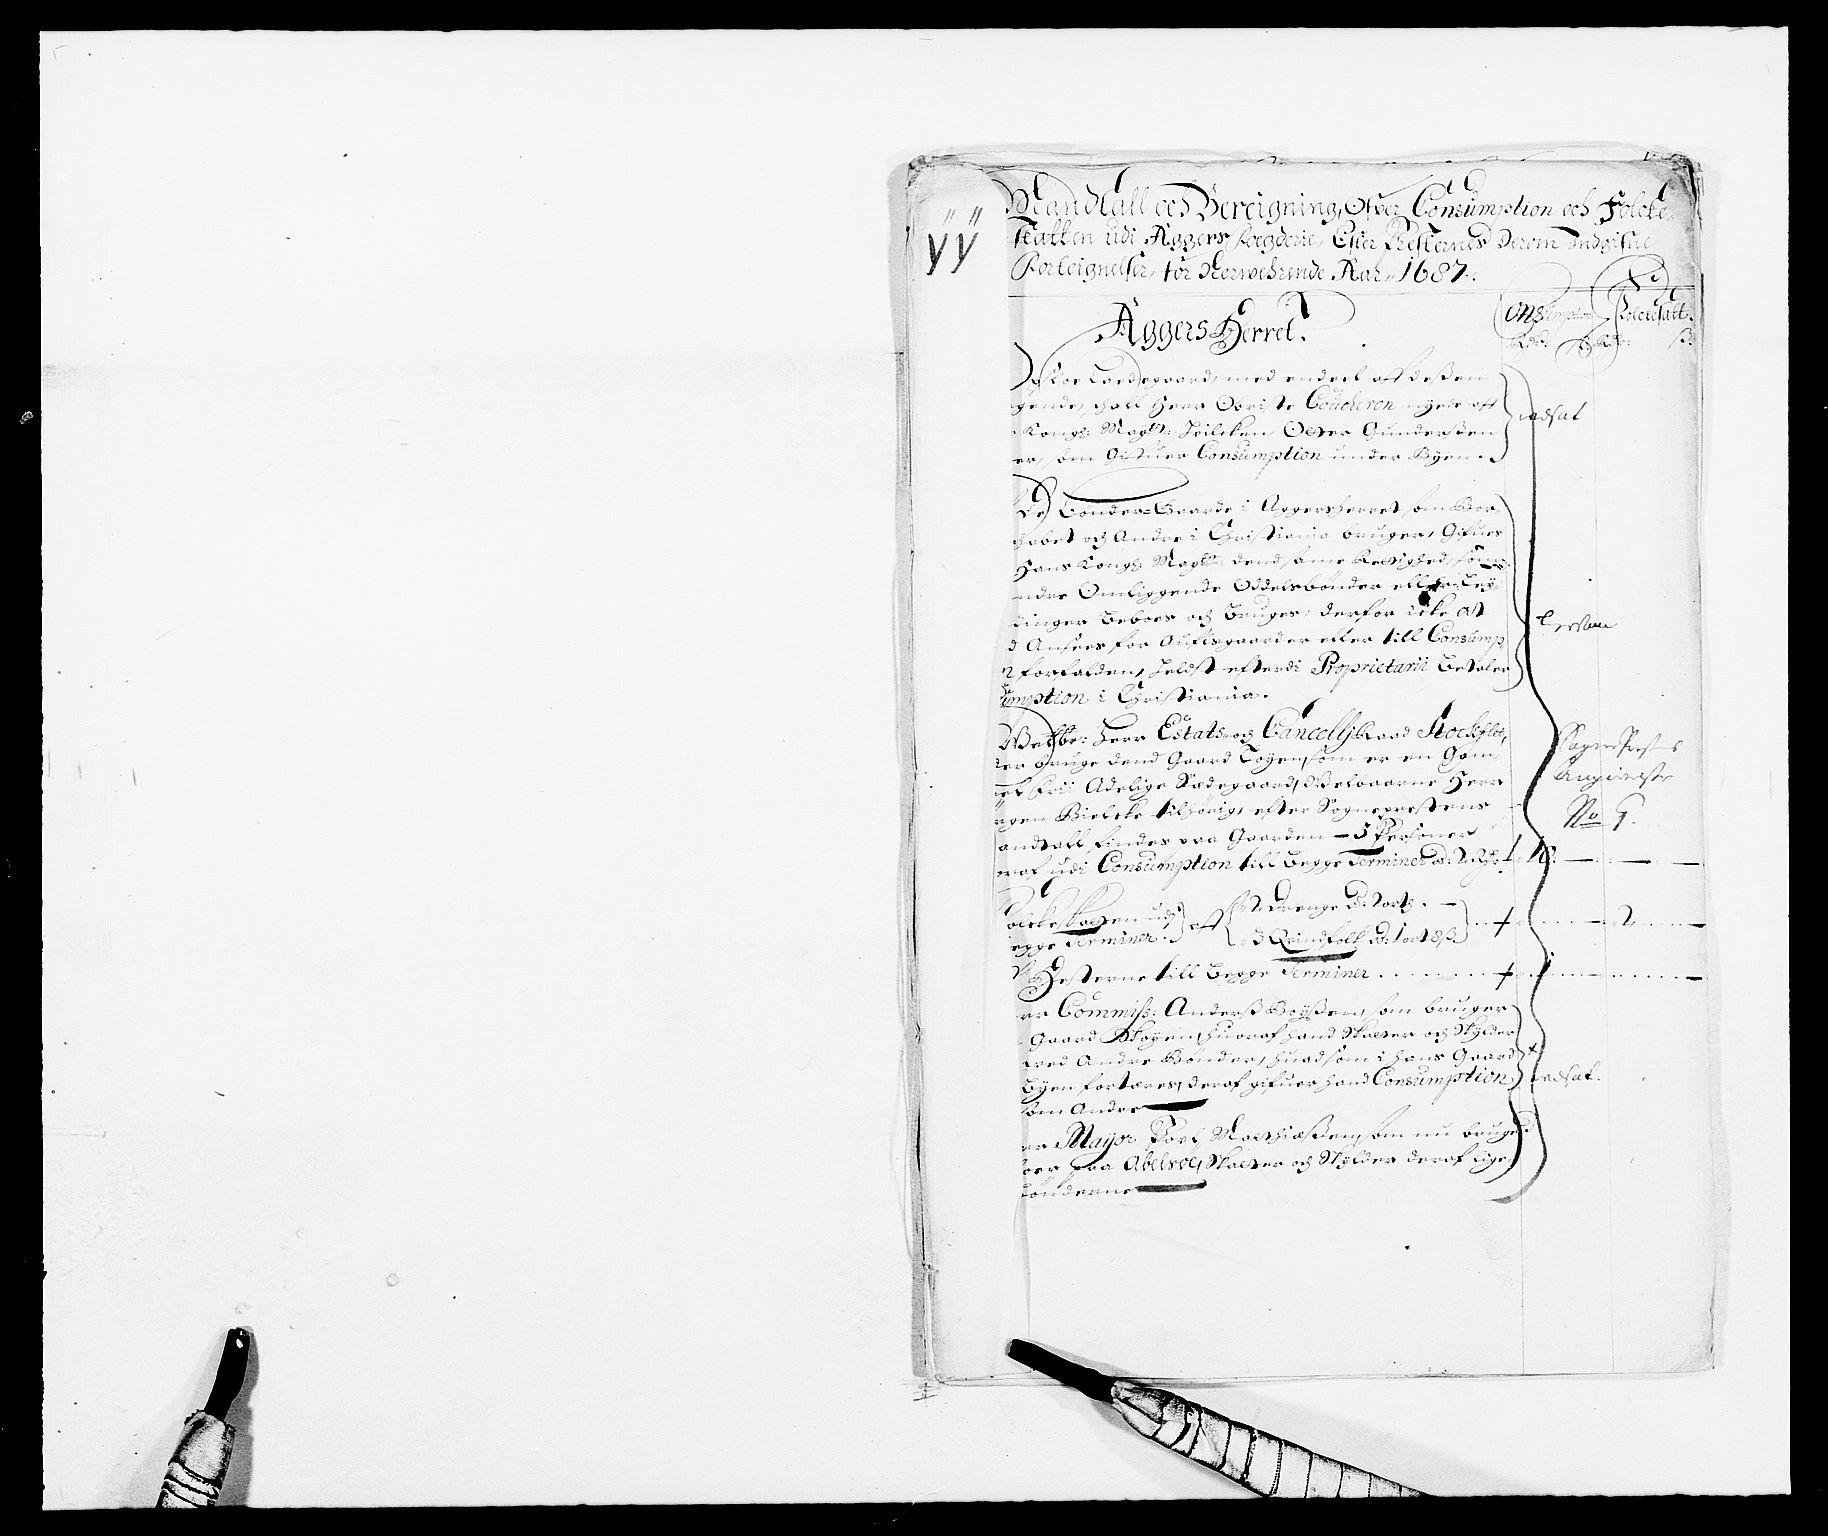 RA, Rentekammeret inntil 1814, Reviderte regnskaper, Fogderegnskap, R08/L0422: Fogderegnskap Aker, 1684-1686, s. 228